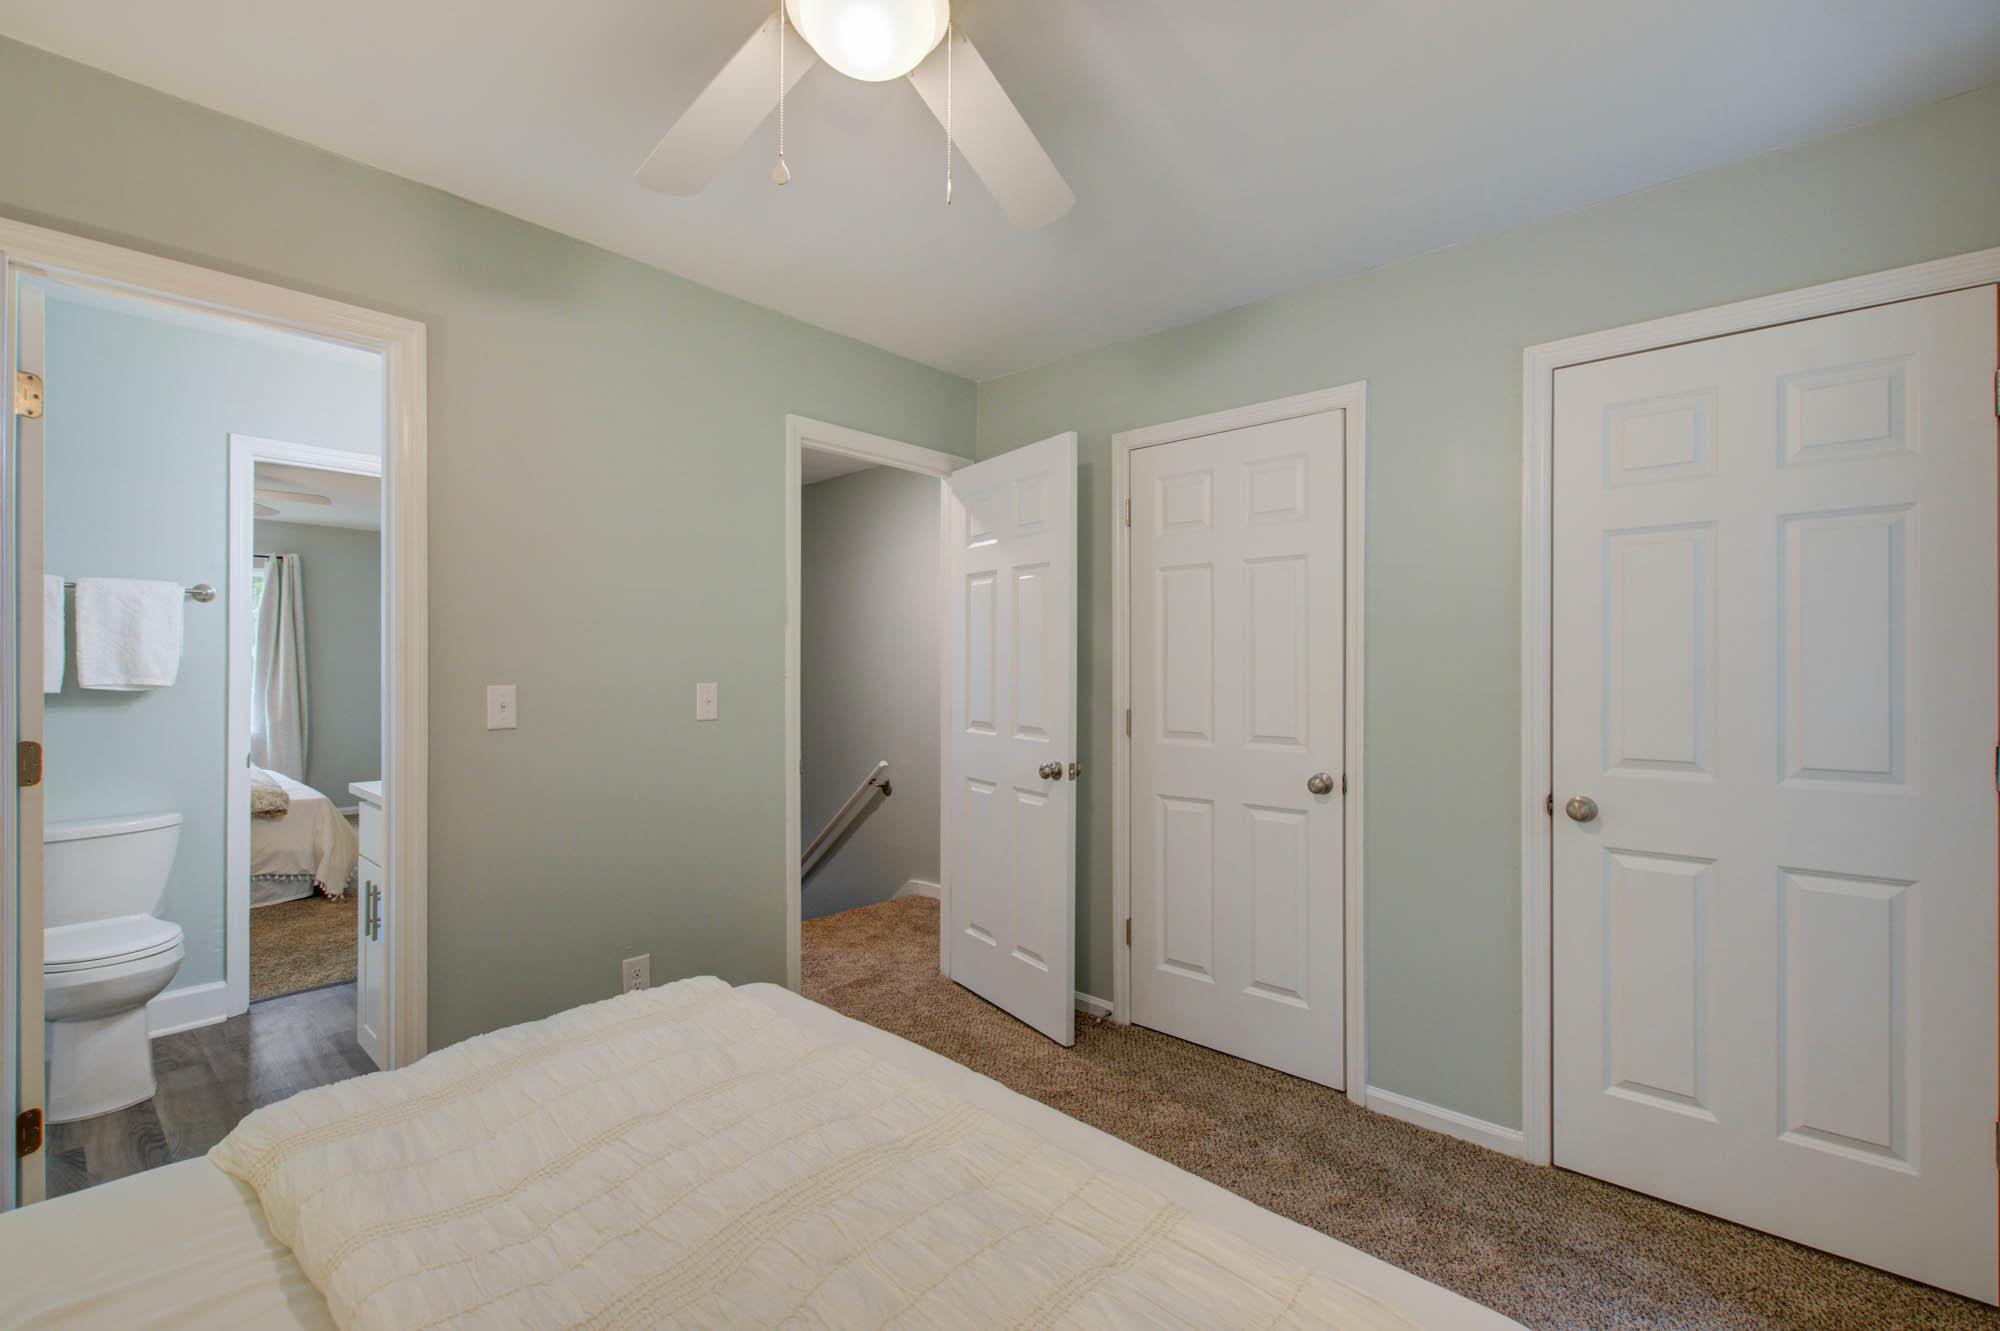 Wando East Homes For Sale - 1524 Nantahala, Mount Pleasant, SC - 16